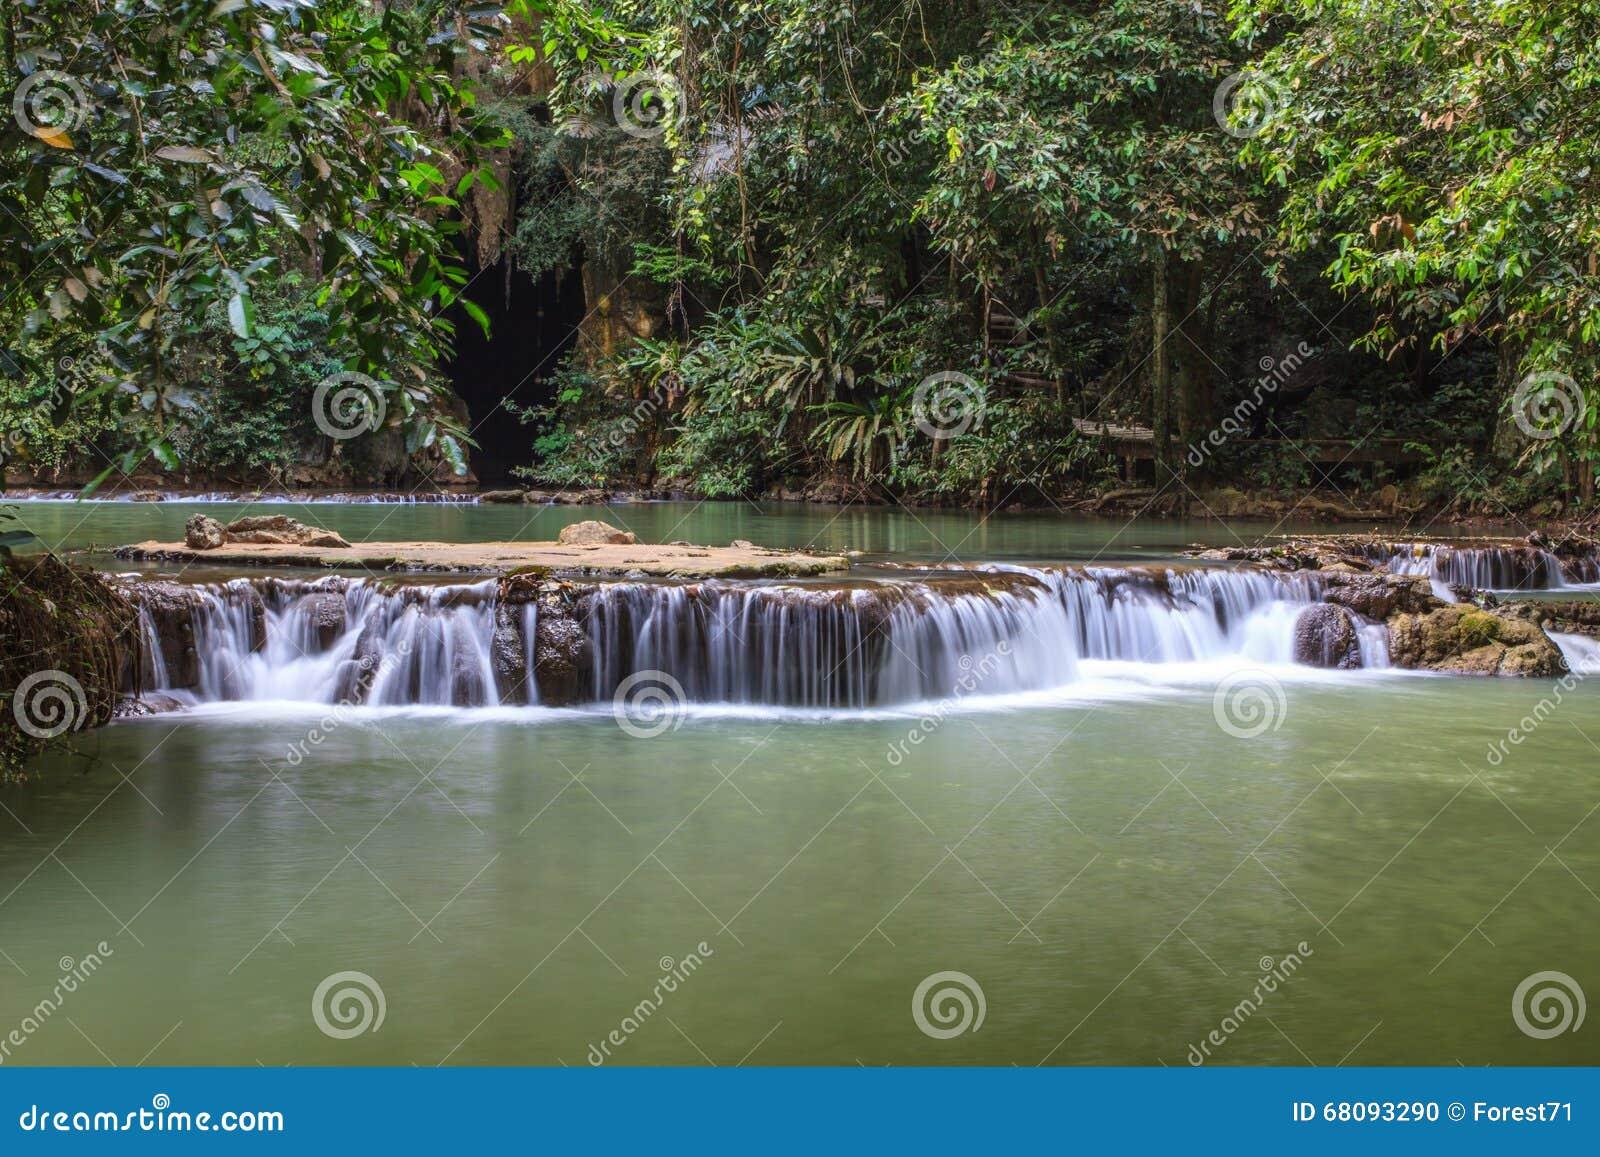 森林热带瀑布图片